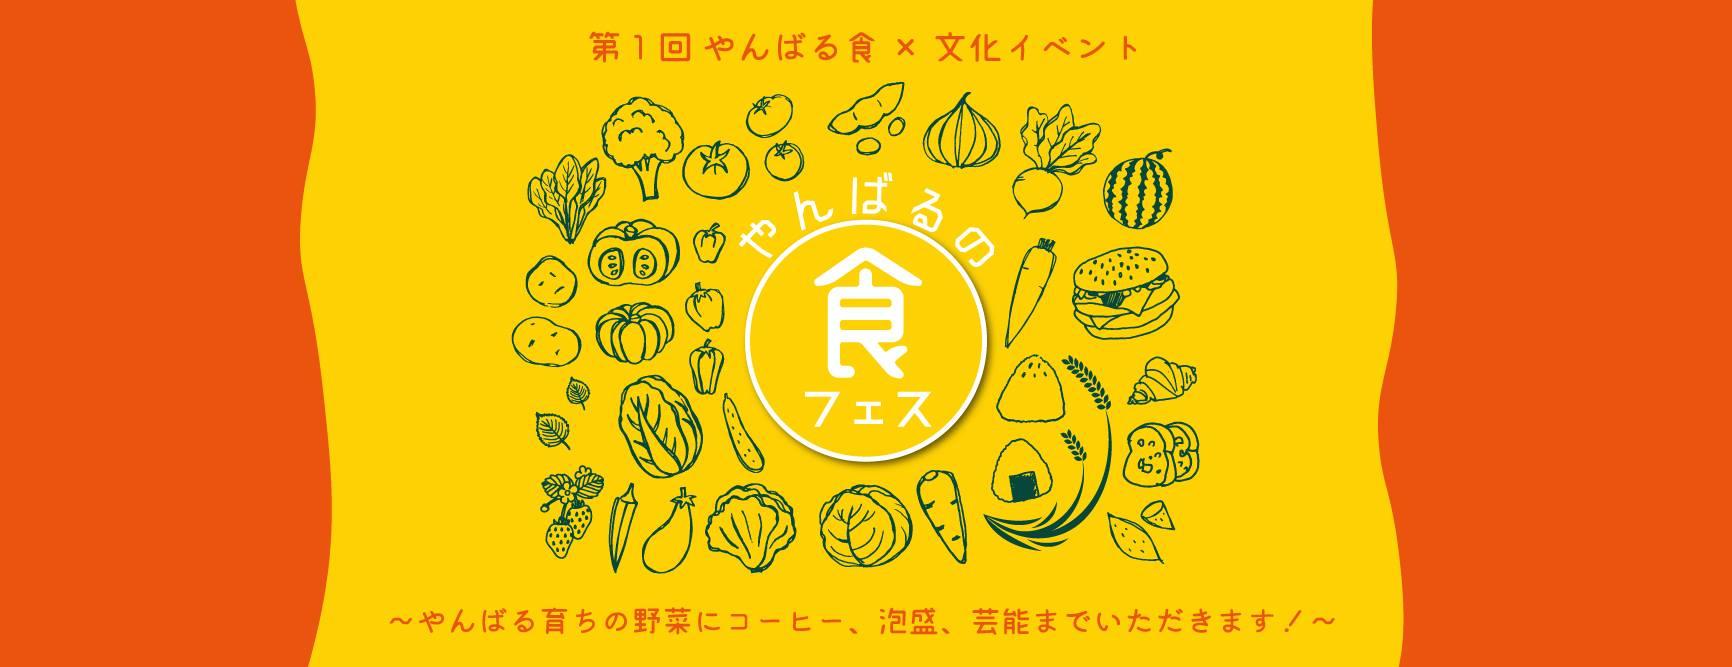 やんばるの食フェス!地元育ち野菜に珈琲、泡盛、芸能!